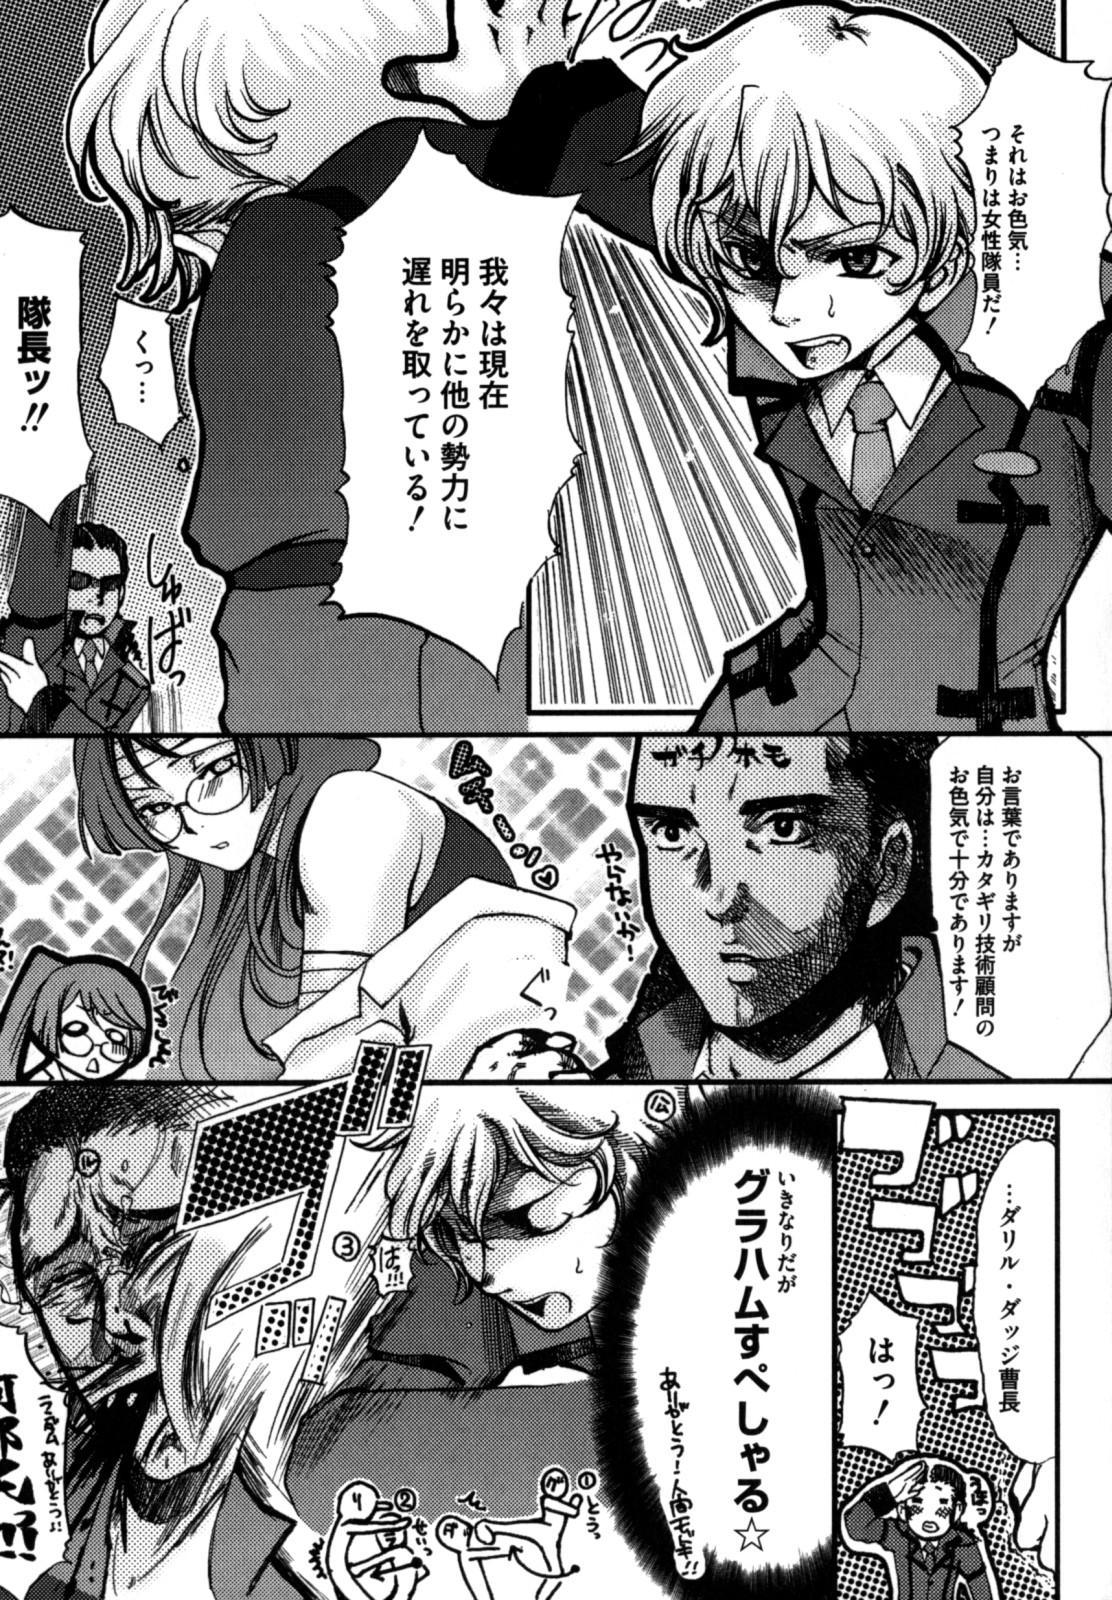 Shikijou no Erosu 136